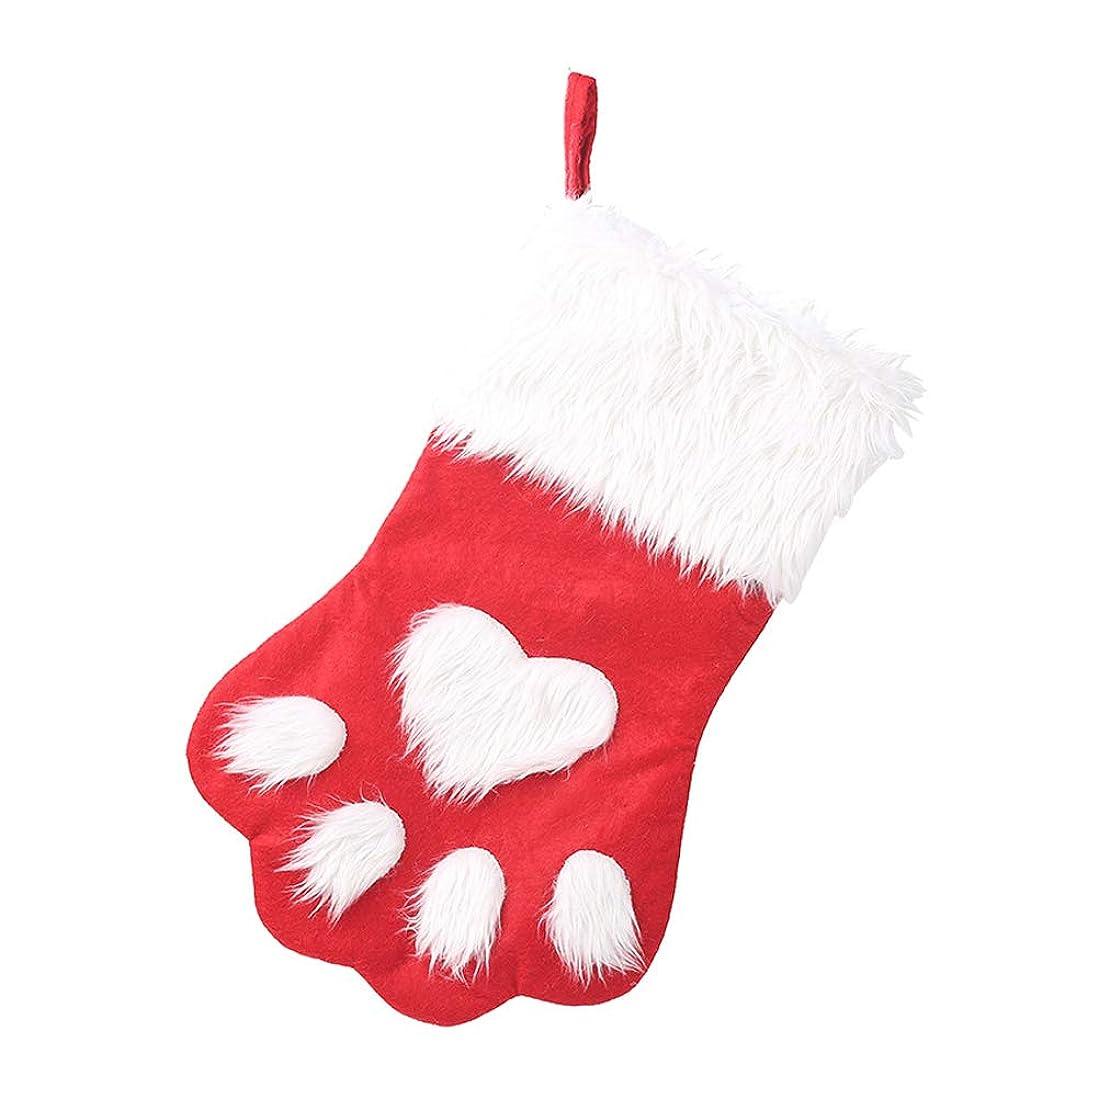 橋脚適用する一過性Happysource 1ピースクリスマスギフトバッグペット猫足ストッキングソックスクリスマスツリーの飾り